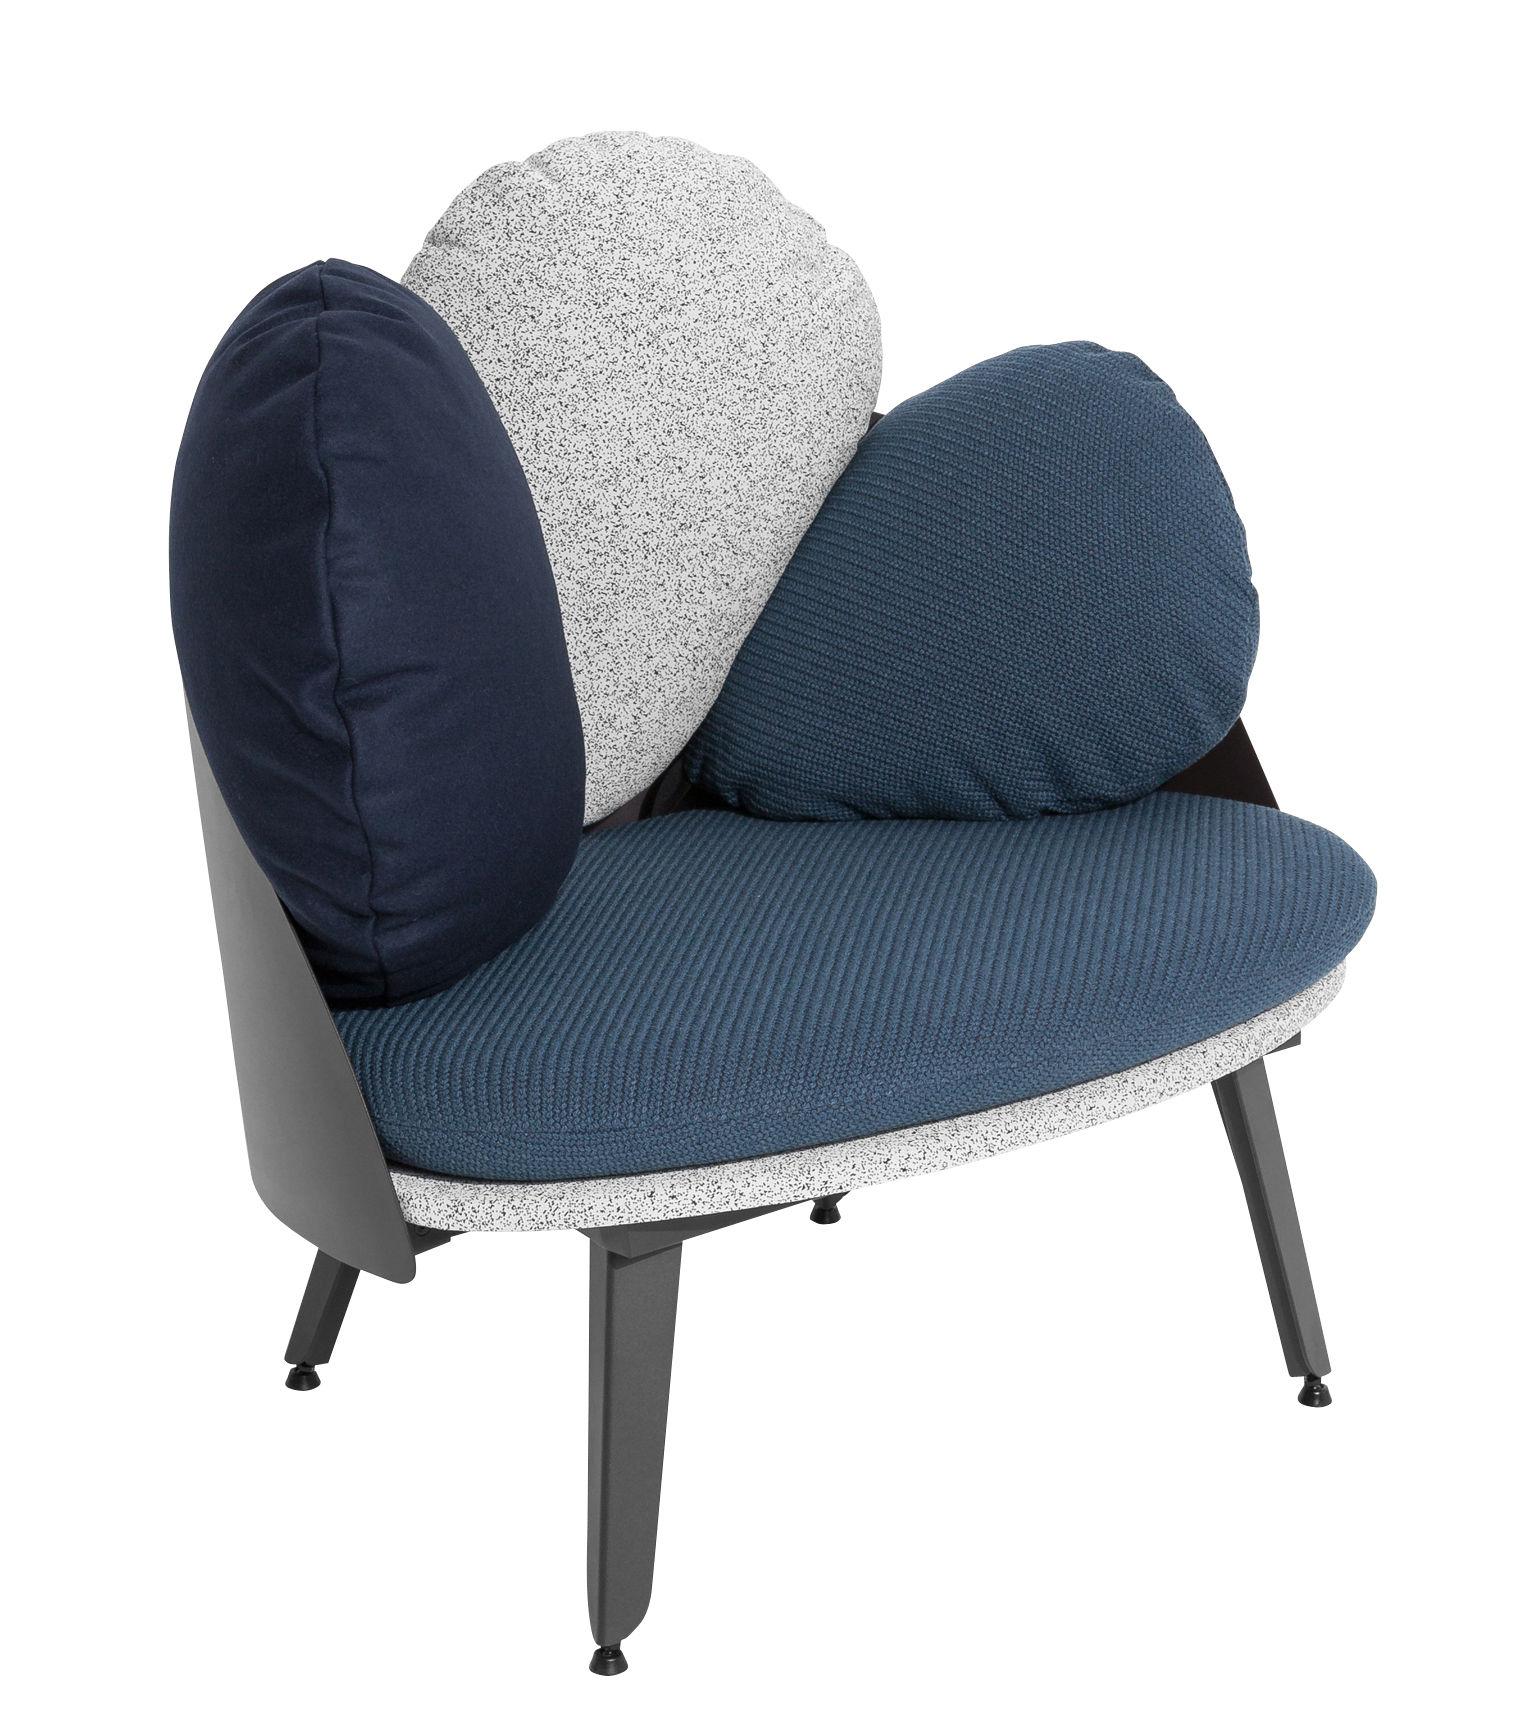 fauteuil rembourr nubilo bleu gris bleu p trole petite friture. Black Bedroom Furniture Sets. Home Design Ideas